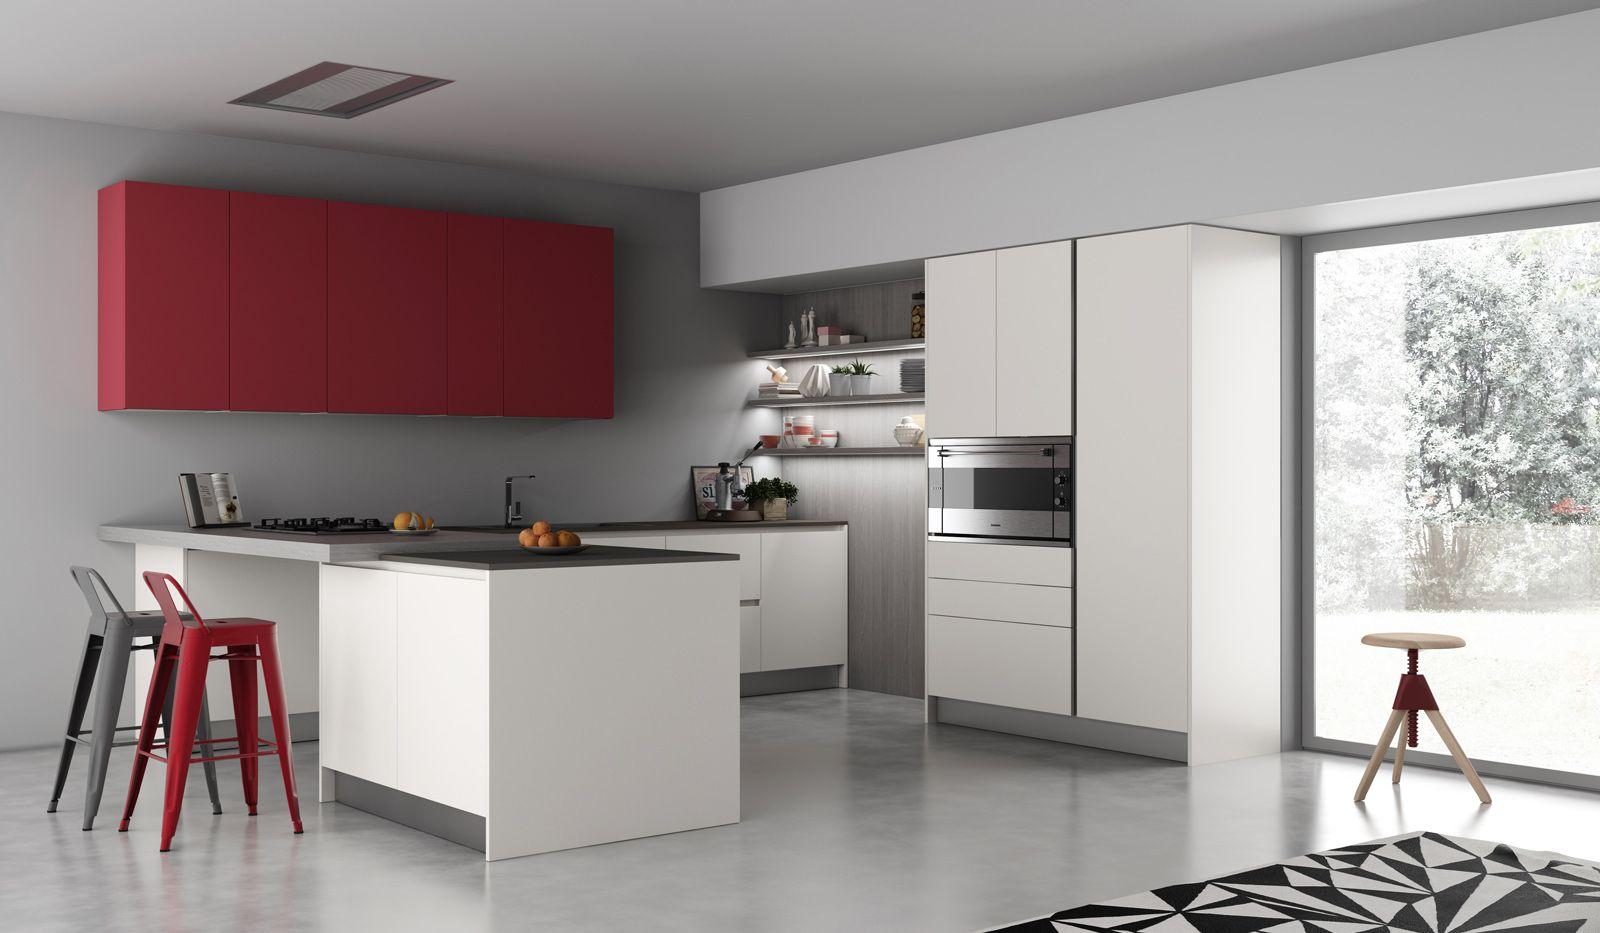 Cucina panna e ciliegio - Cucine moderne color ciliegio ...